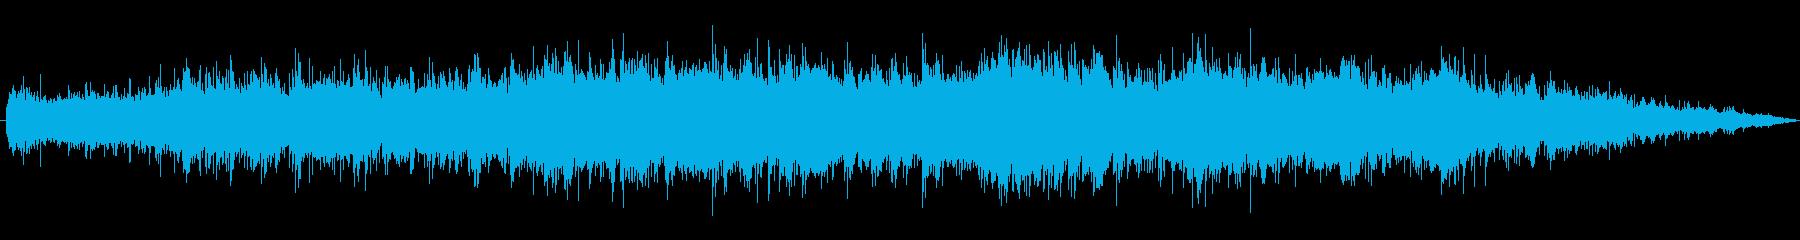 神秘的な雰囲気のゆったりしたインストの再生済みの波形